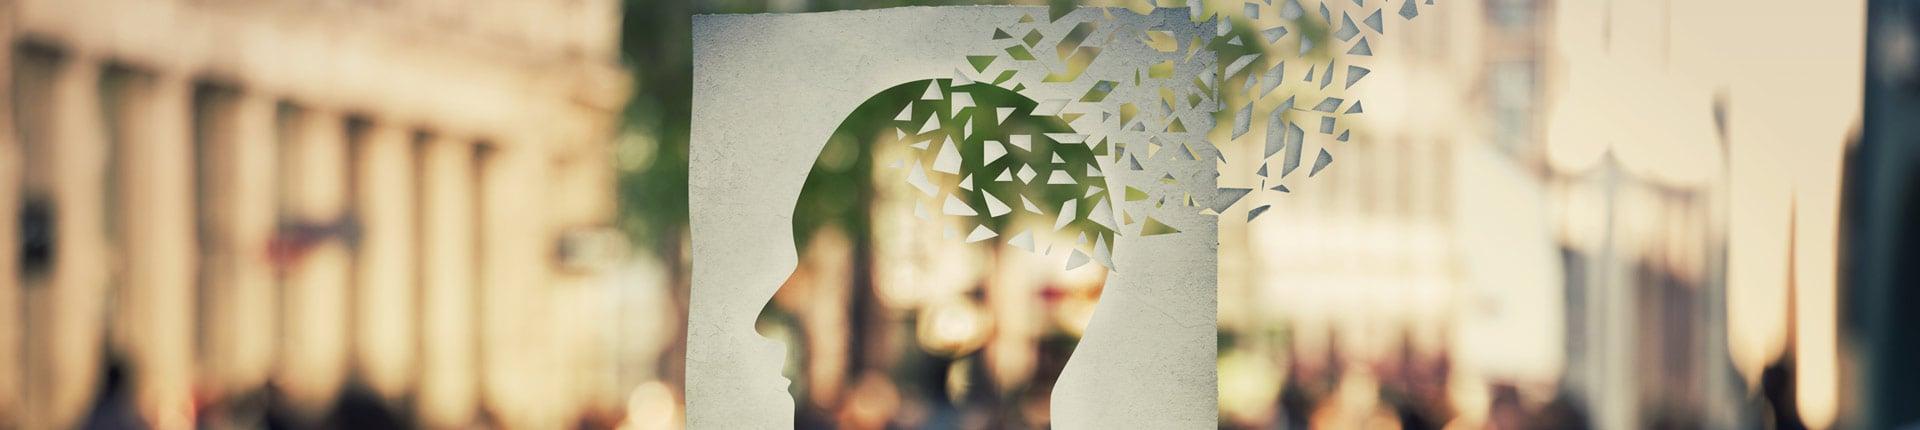 Czy dieta może chronić przed Alzheimerem?